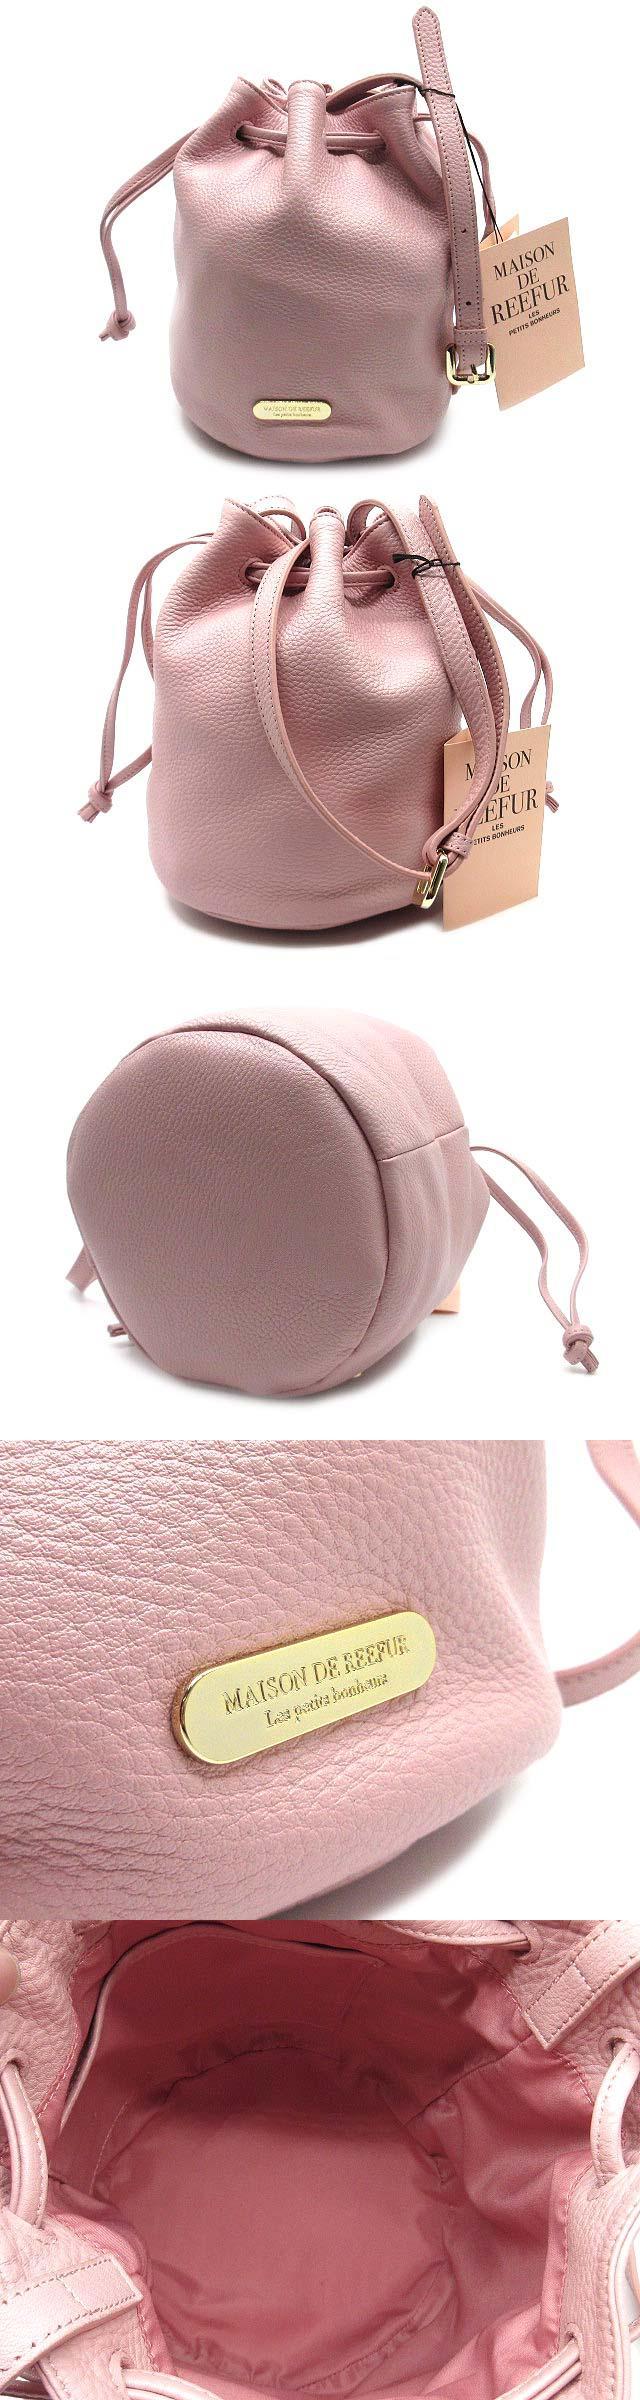 ショルダーバッグ ミニ 巾着 レザー ロゴプレート ピンク 超美品